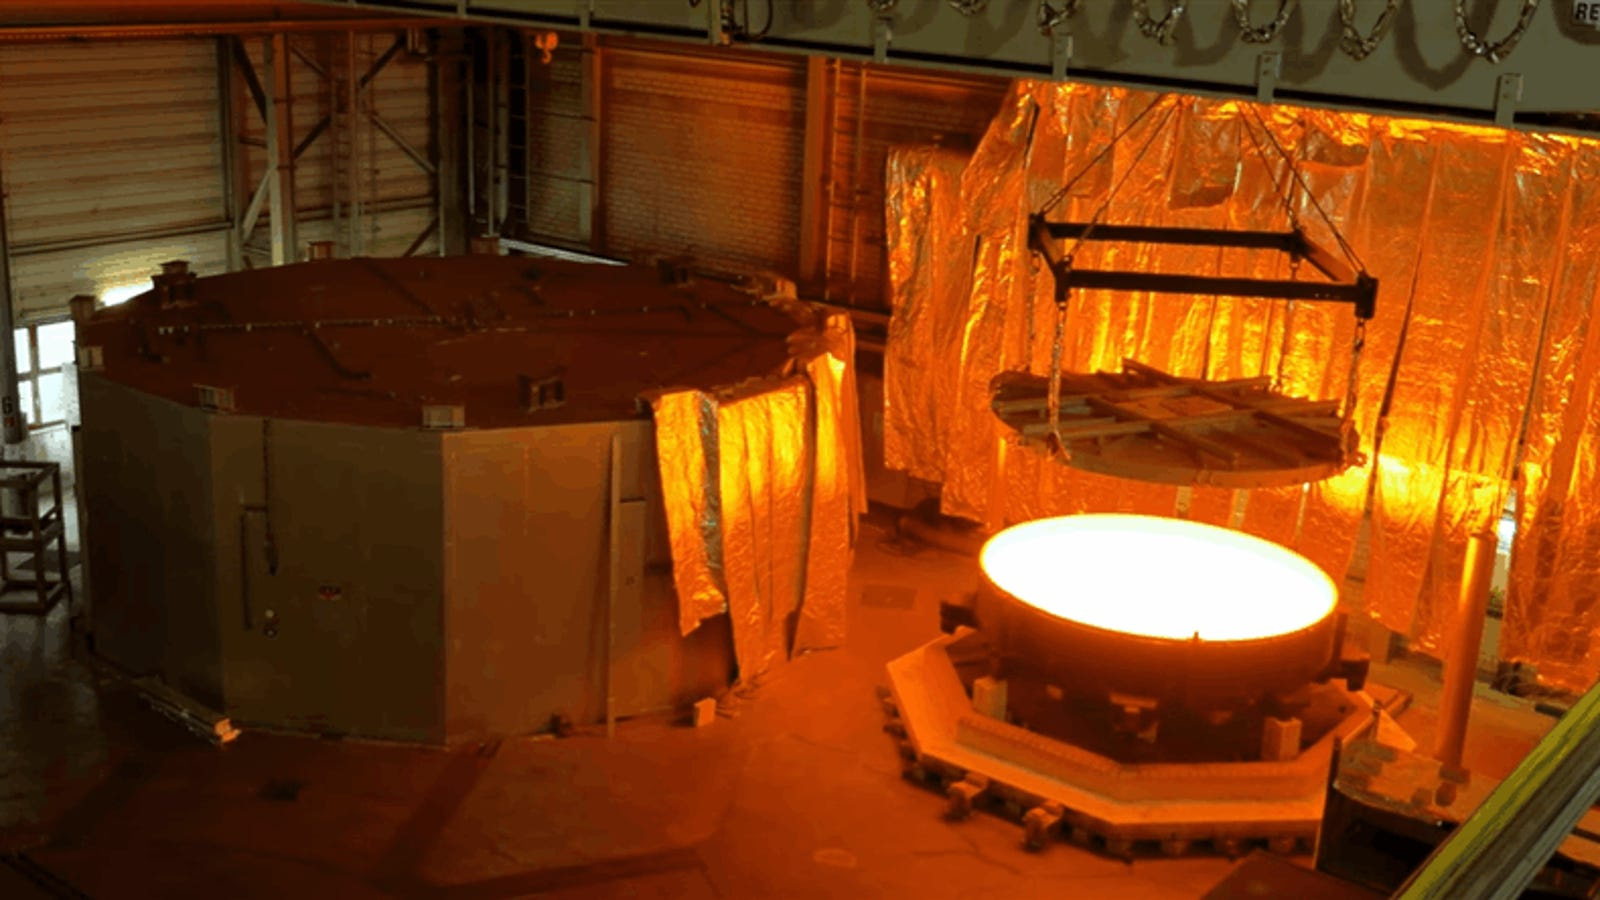 El espejo del telescopio más grande del mundo es tan descomunal que tardará un año en enfriarse